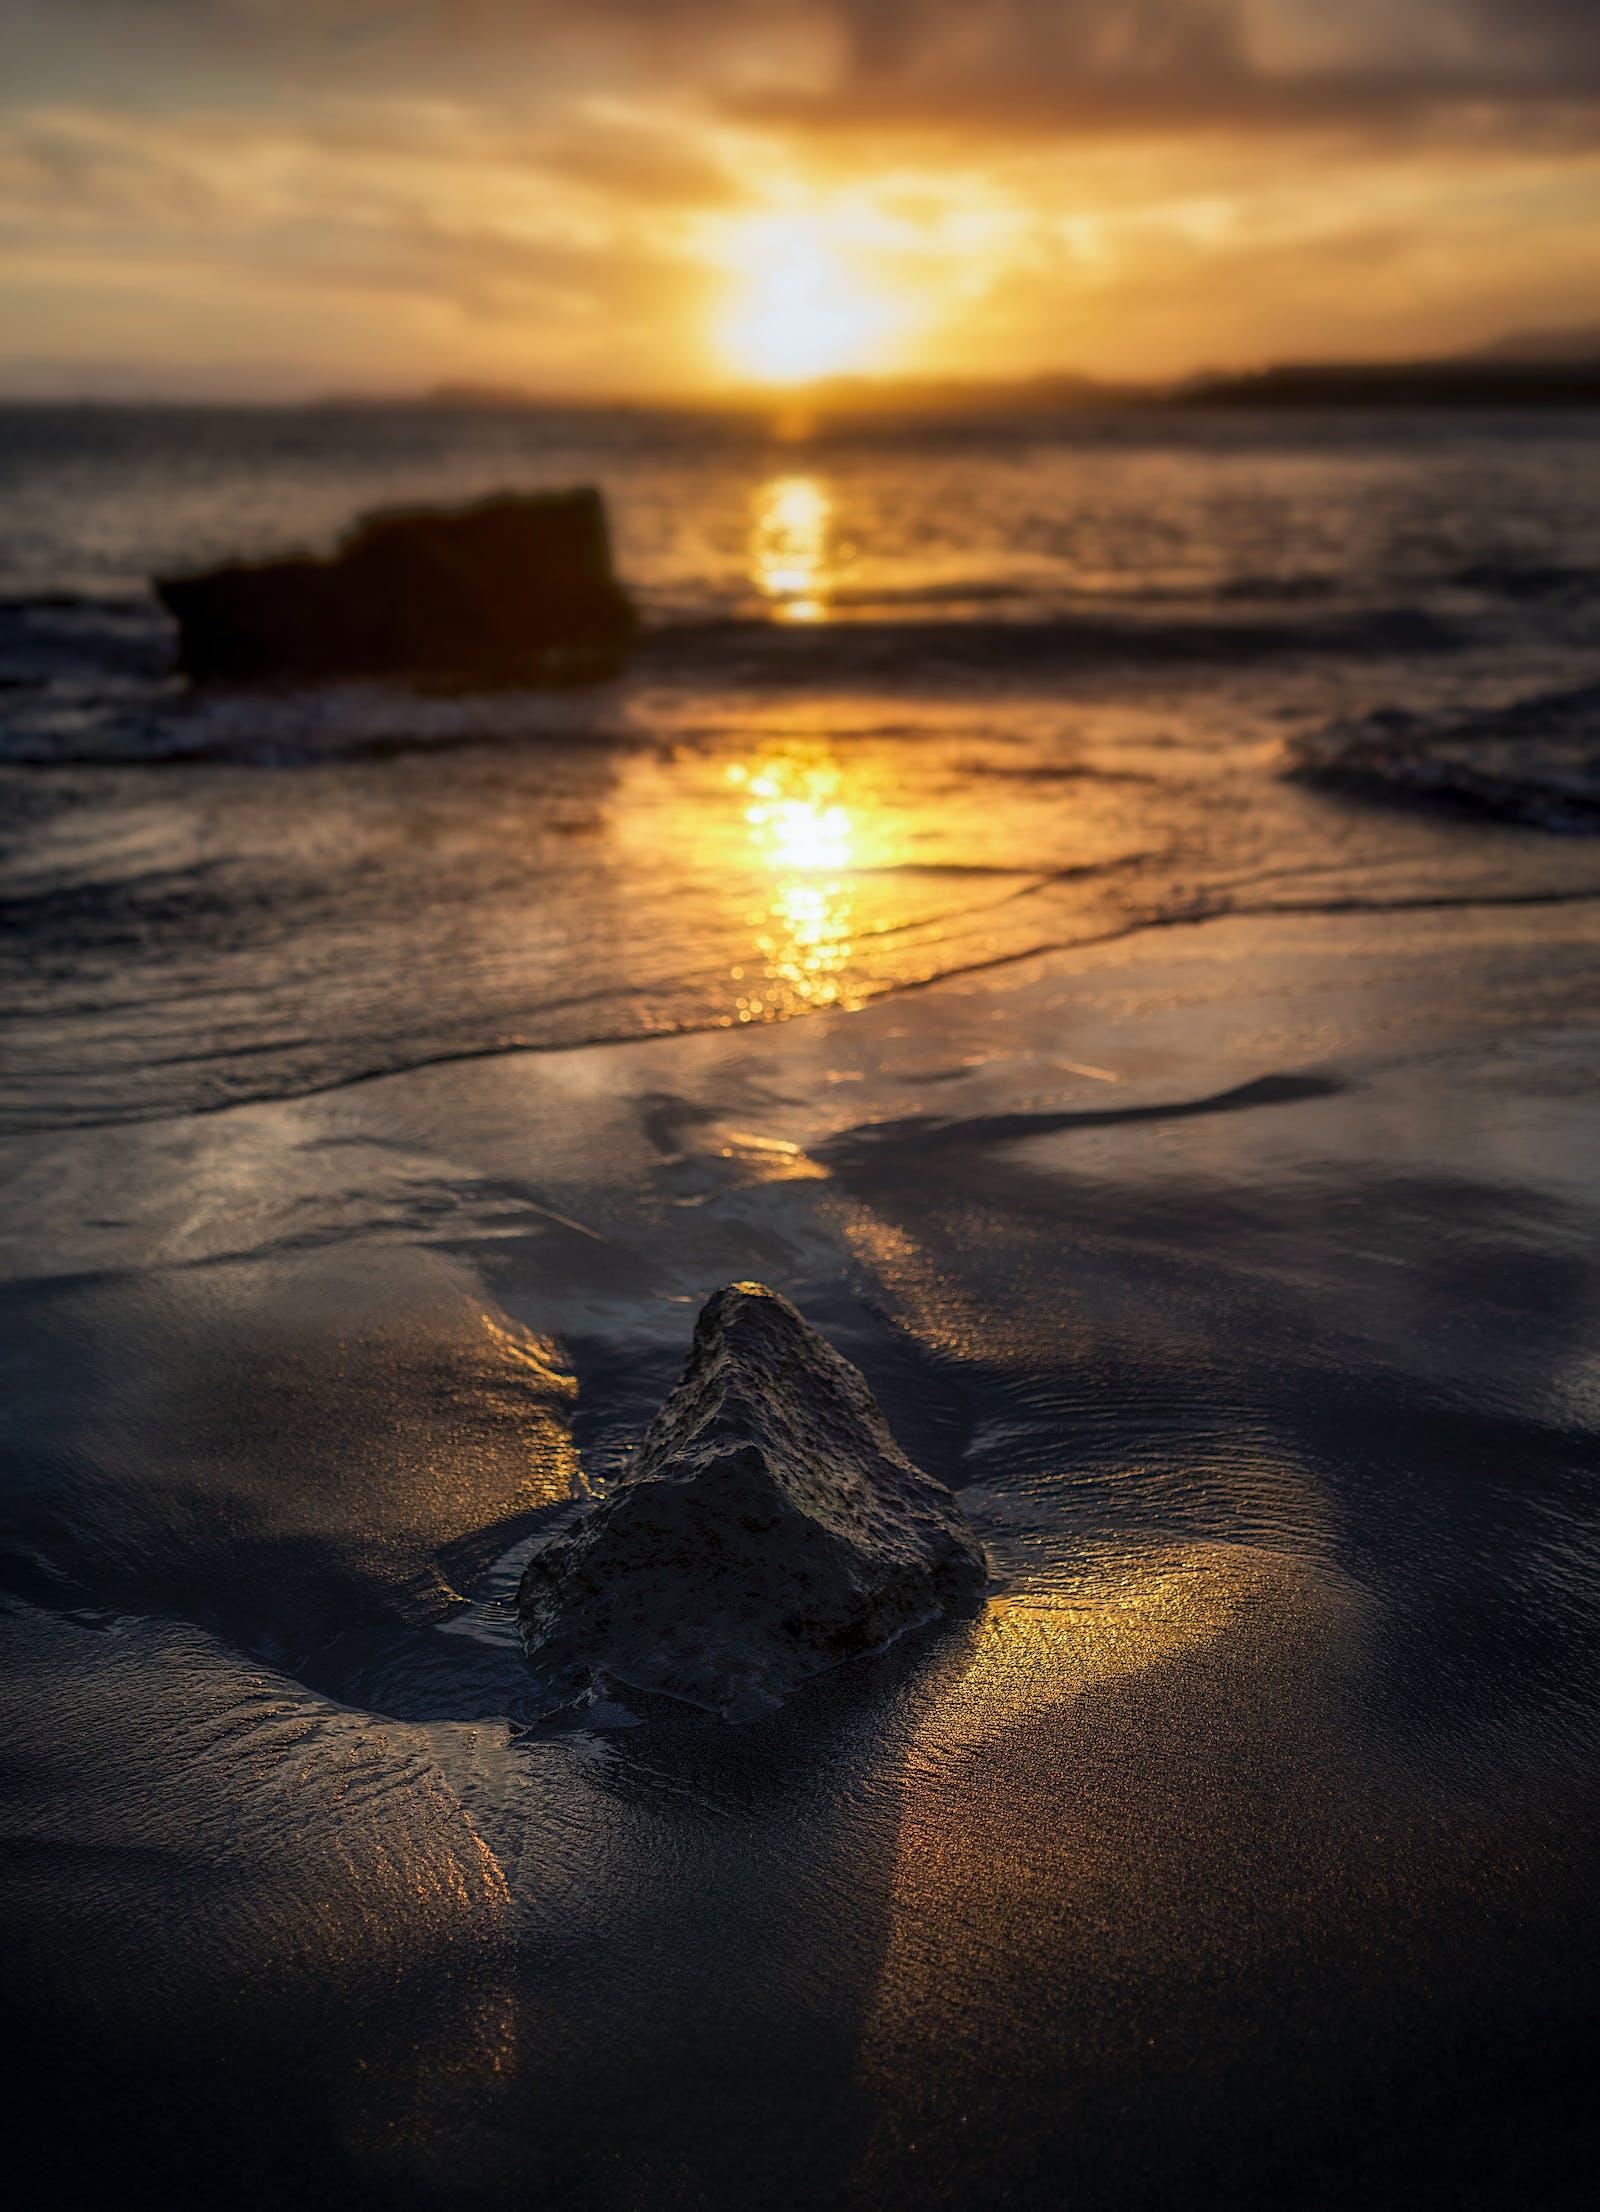 Le LaHoChi : Lumière, amour et sagesse. Mouvement et force de vie.